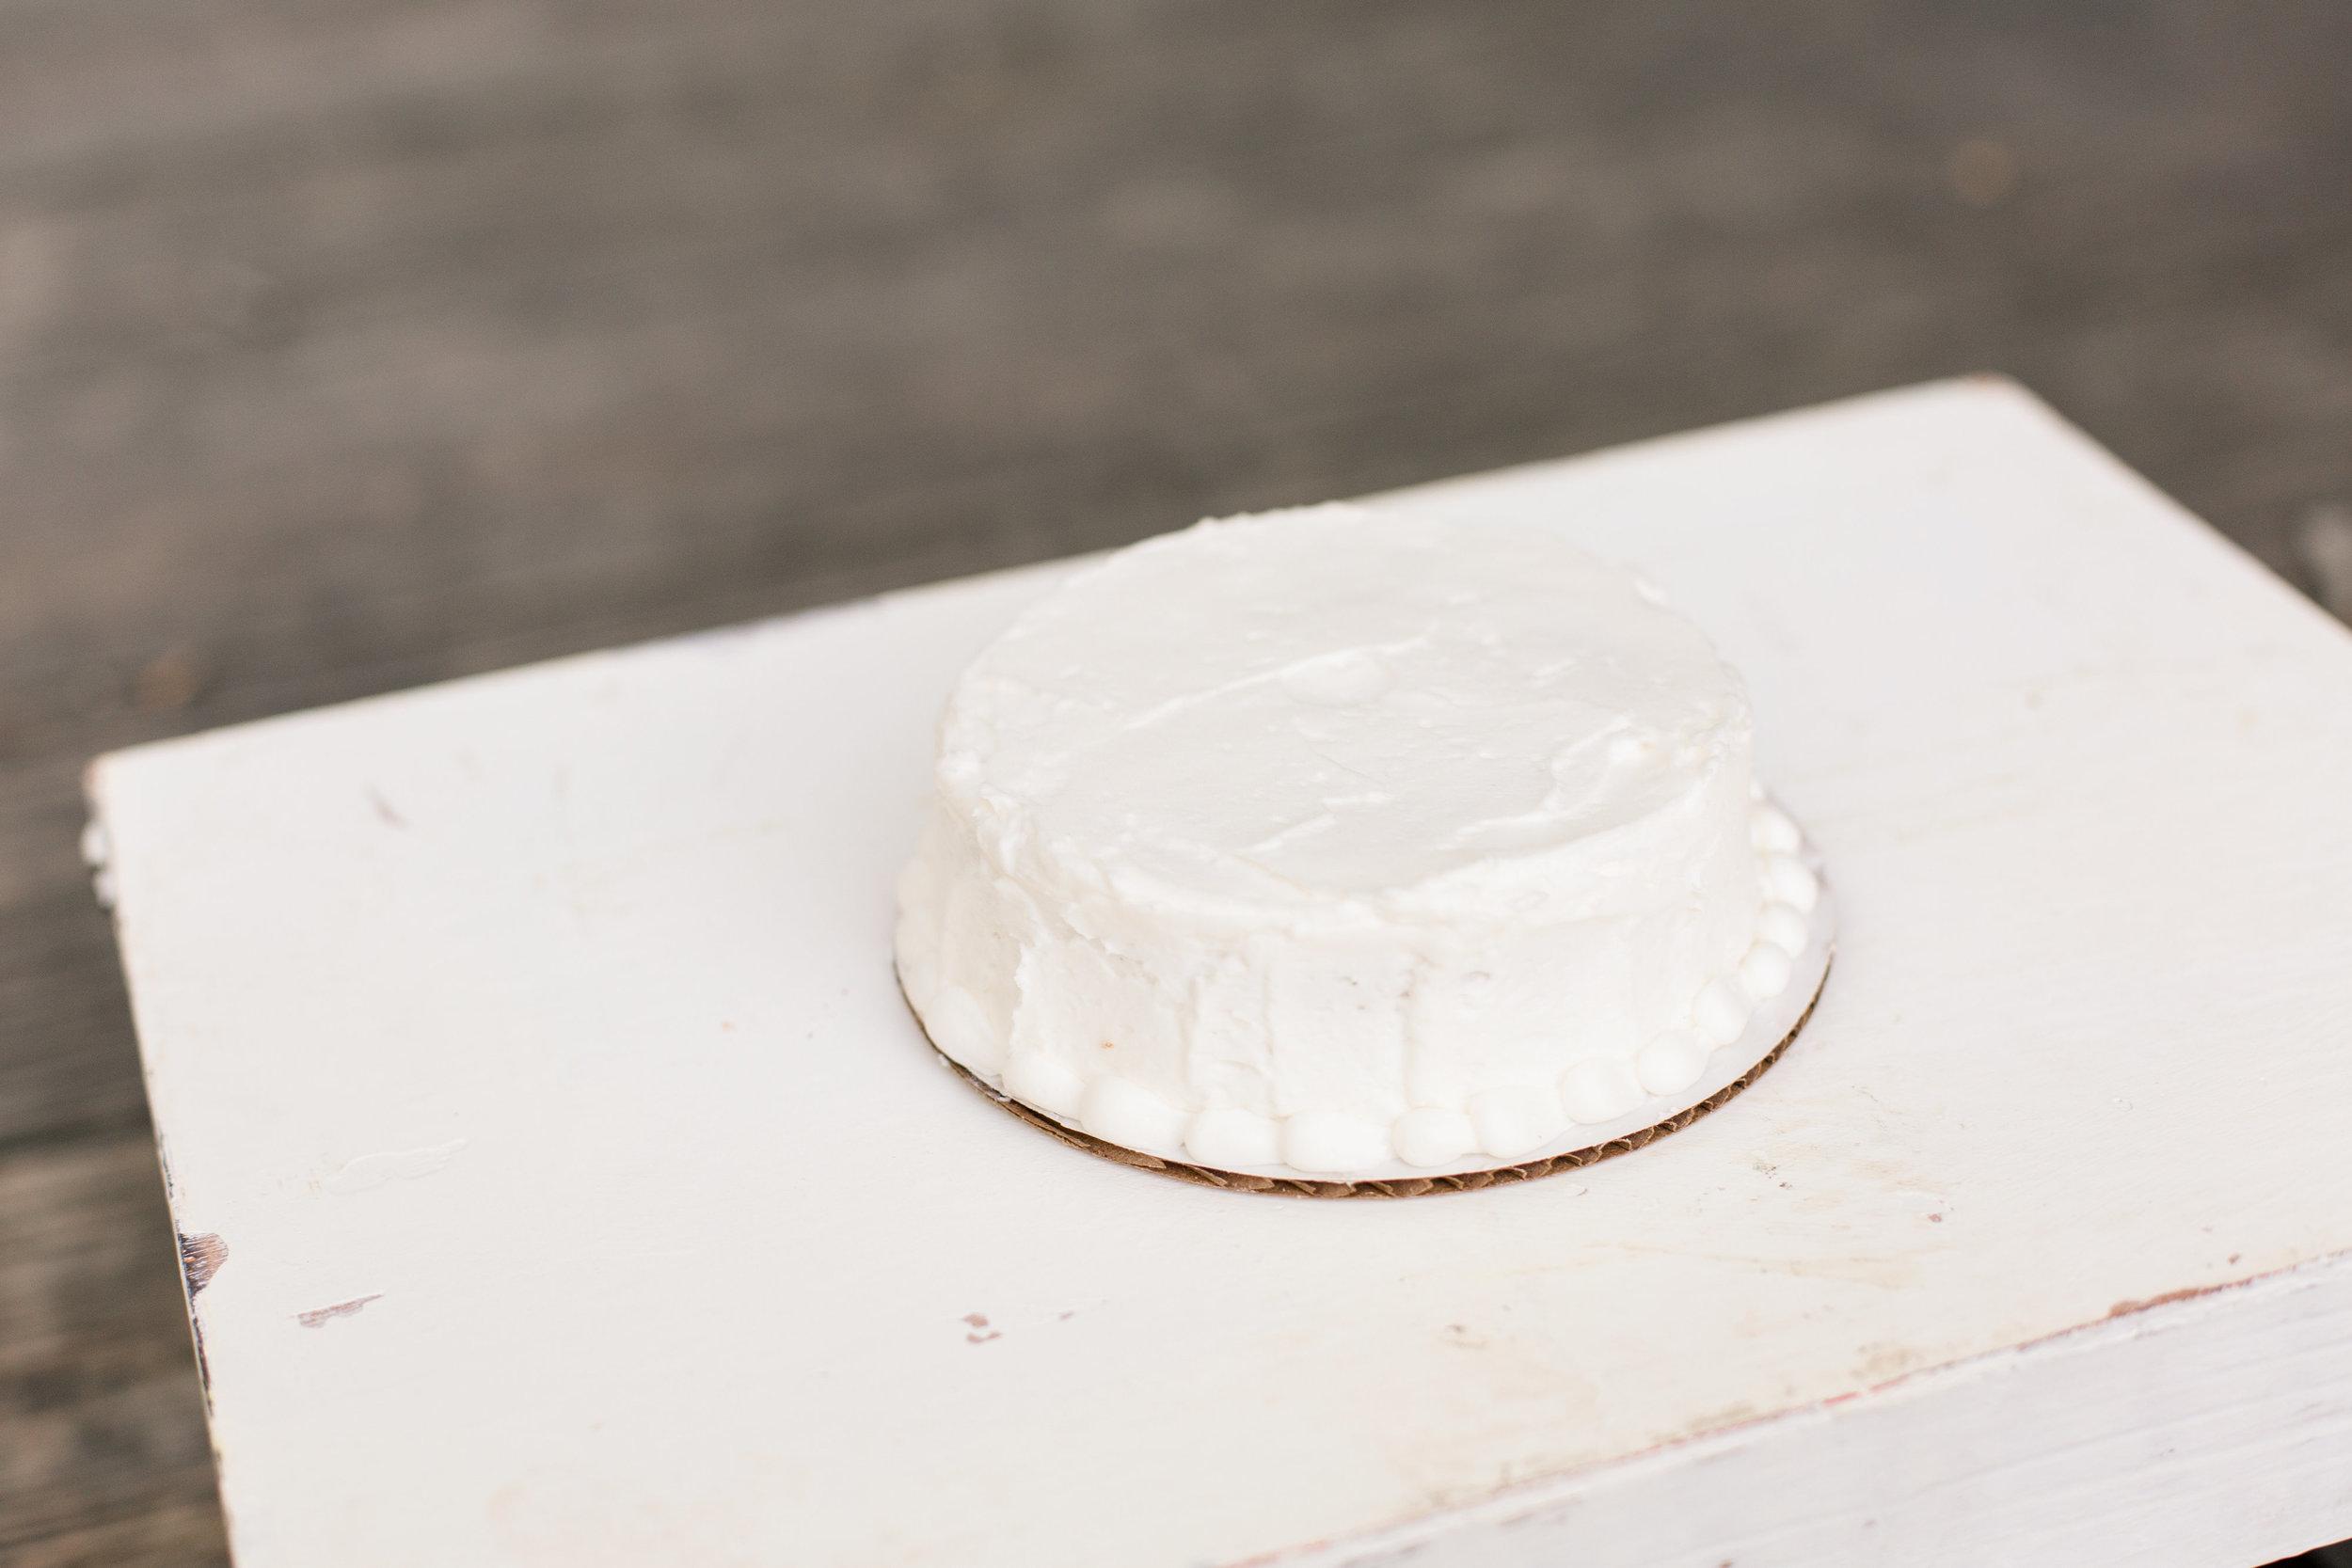 cake-smash-photo-session-columbus-ohio-sarah-cropper-photography.jpg